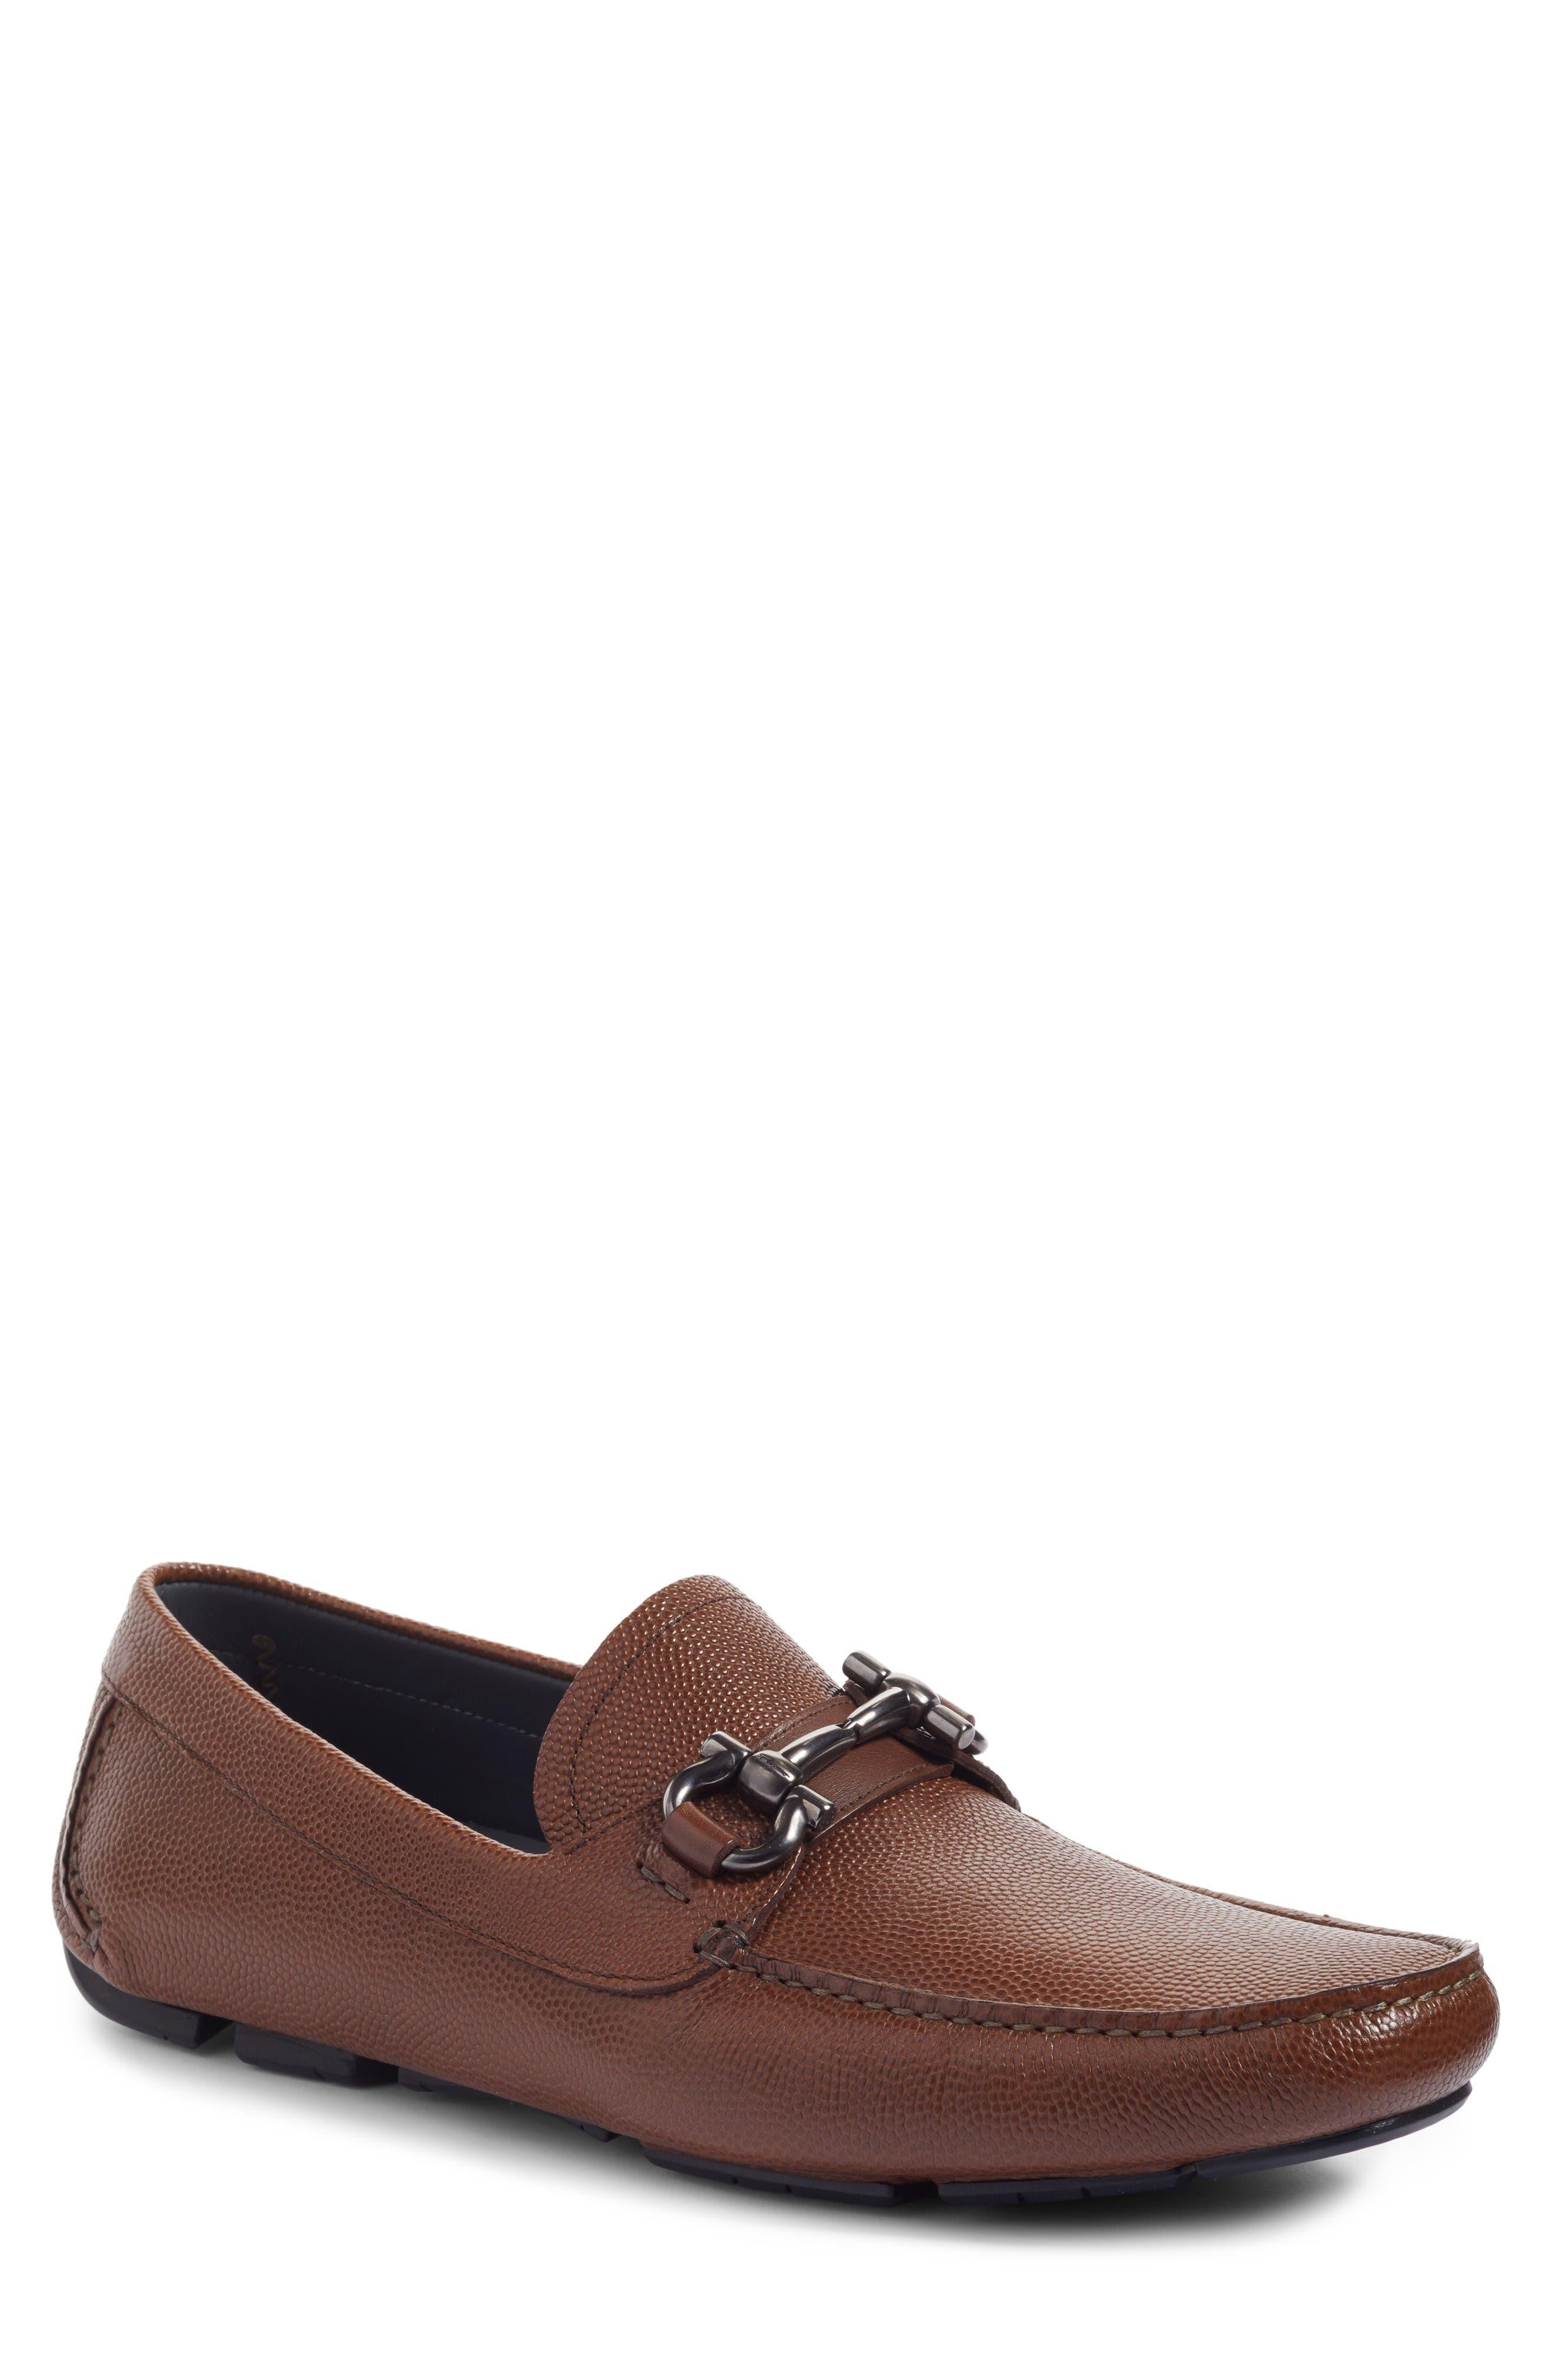 Men's Moccasins Designer Shoes   Nordstrom